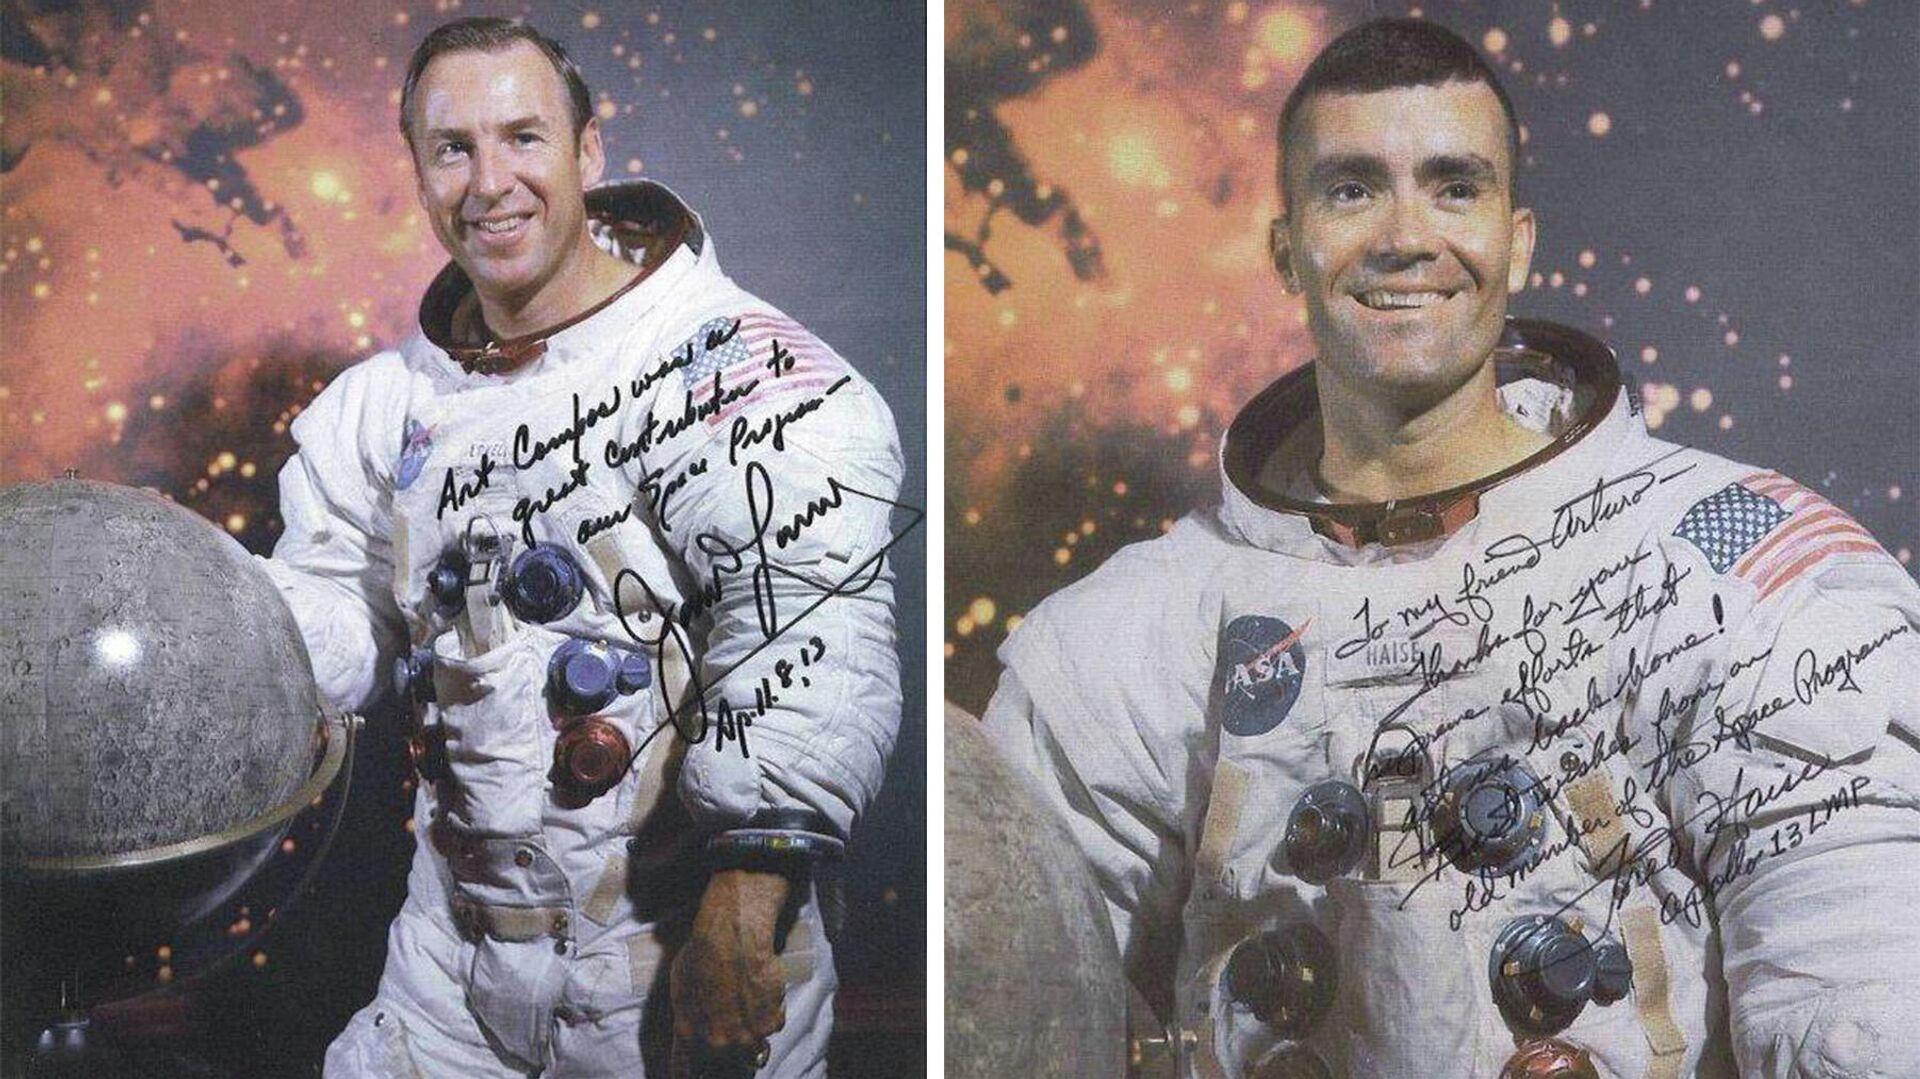 Fotografías autografiadas de los astronautas del Apolo 13 Jim Lovell y Fred Haise, dirigidas a Arturo Campos - Sputnik Mundo, 1920, 07.07.2021